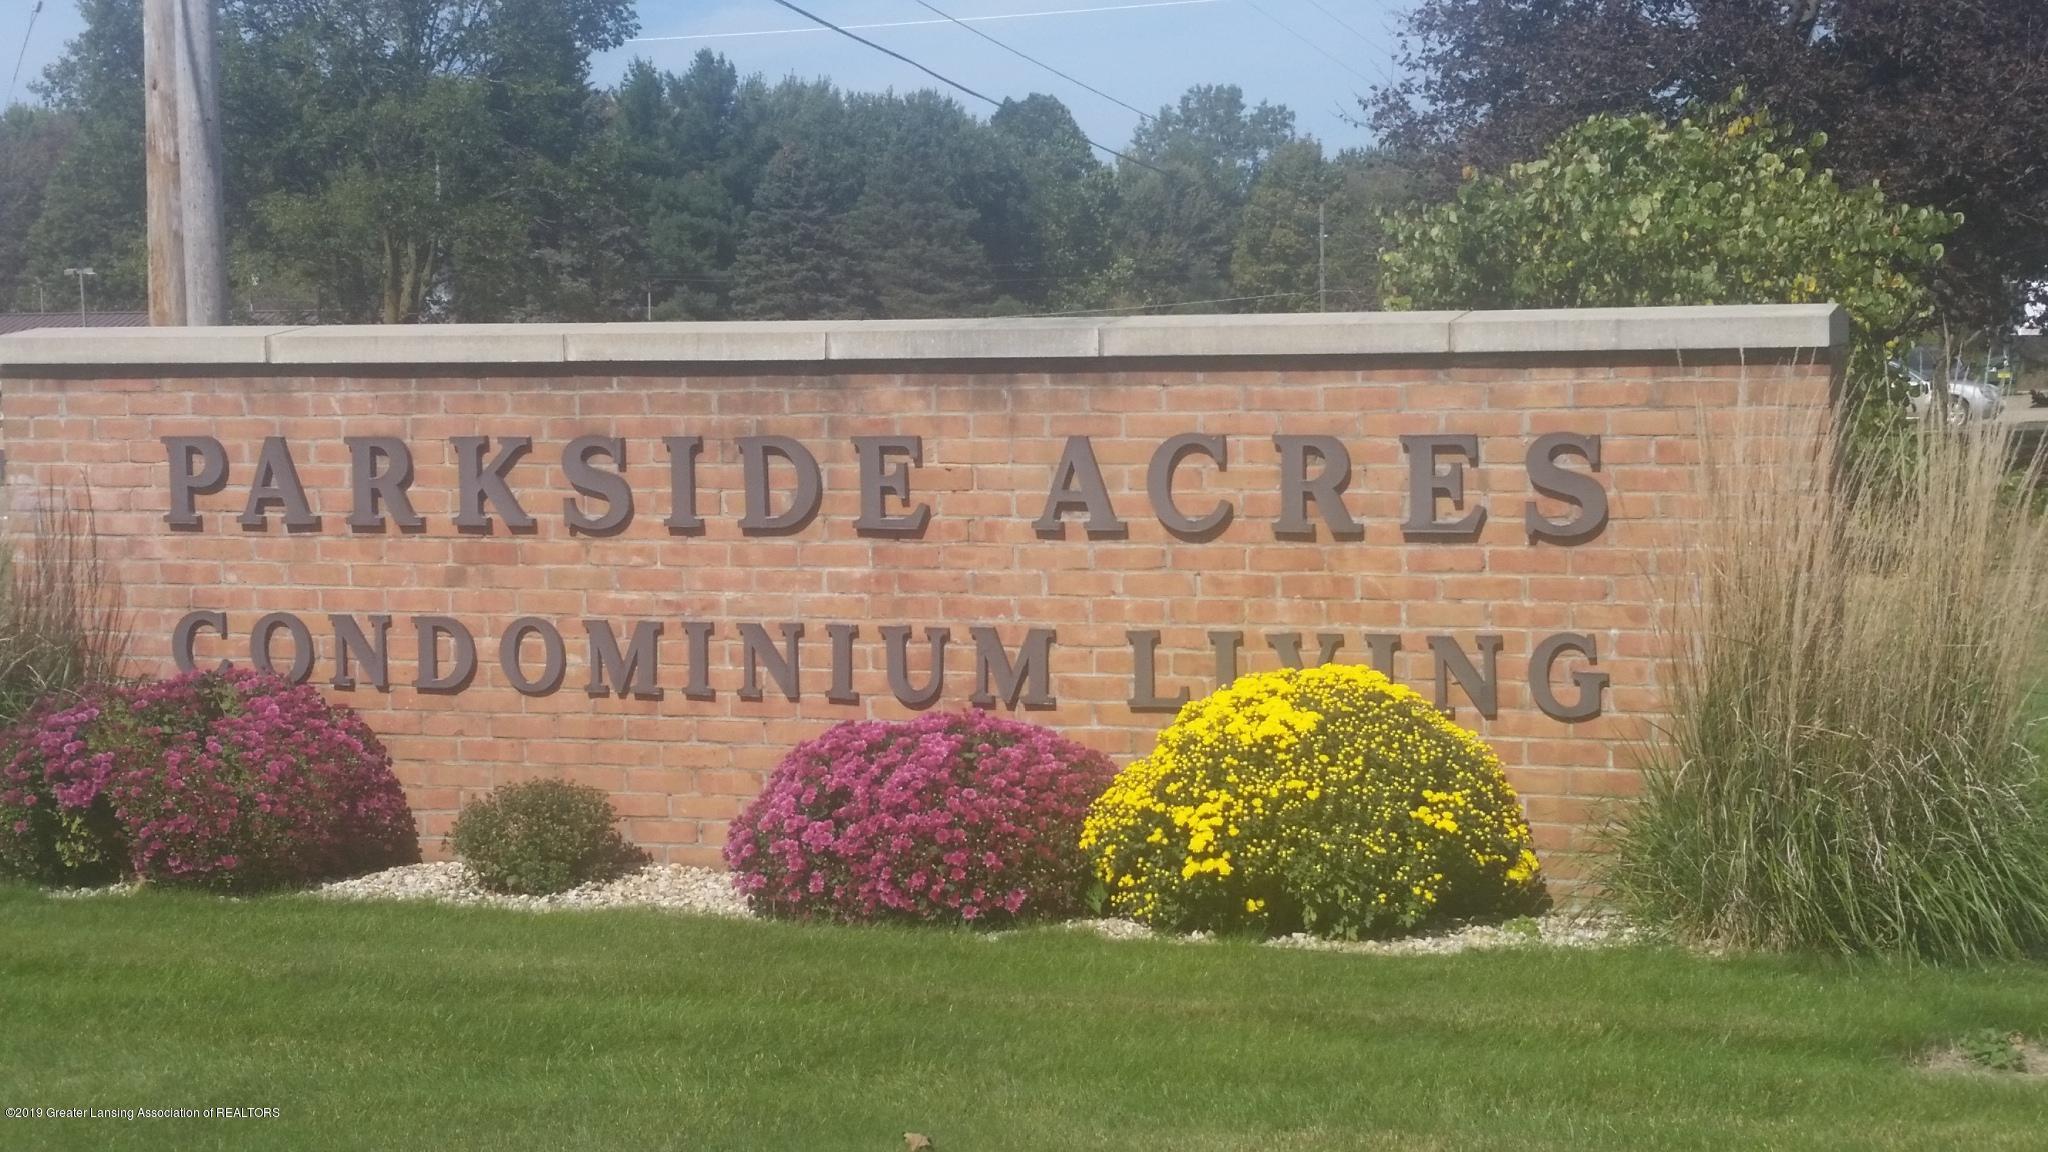 148 Vansickle Dr - 4 Parkside Acres Sign - 2